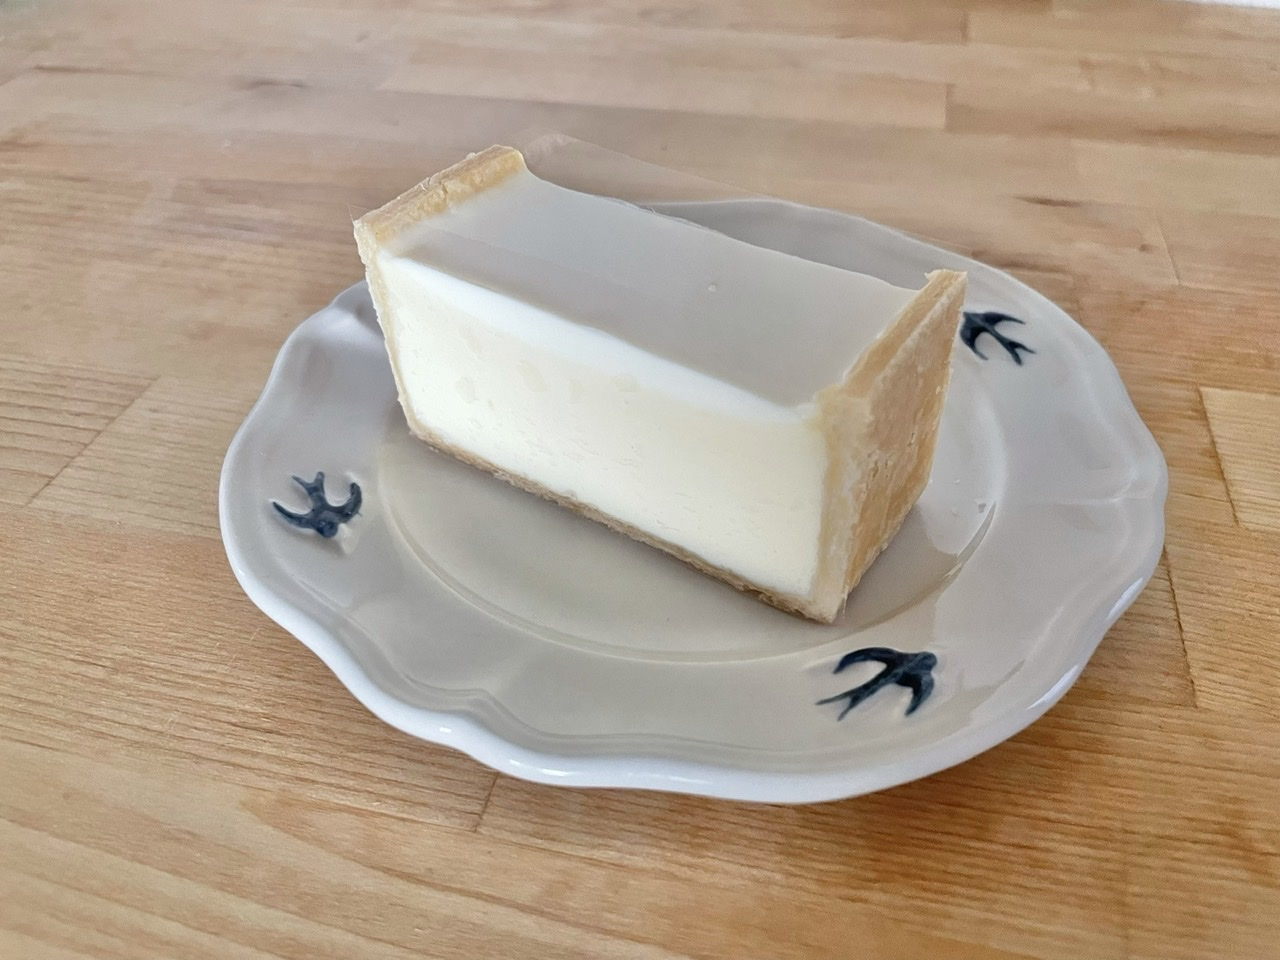 【スイーツ】幡ヶ谷・西原エリアの《Equal》のチーズケーキ&チェリーパイ_1